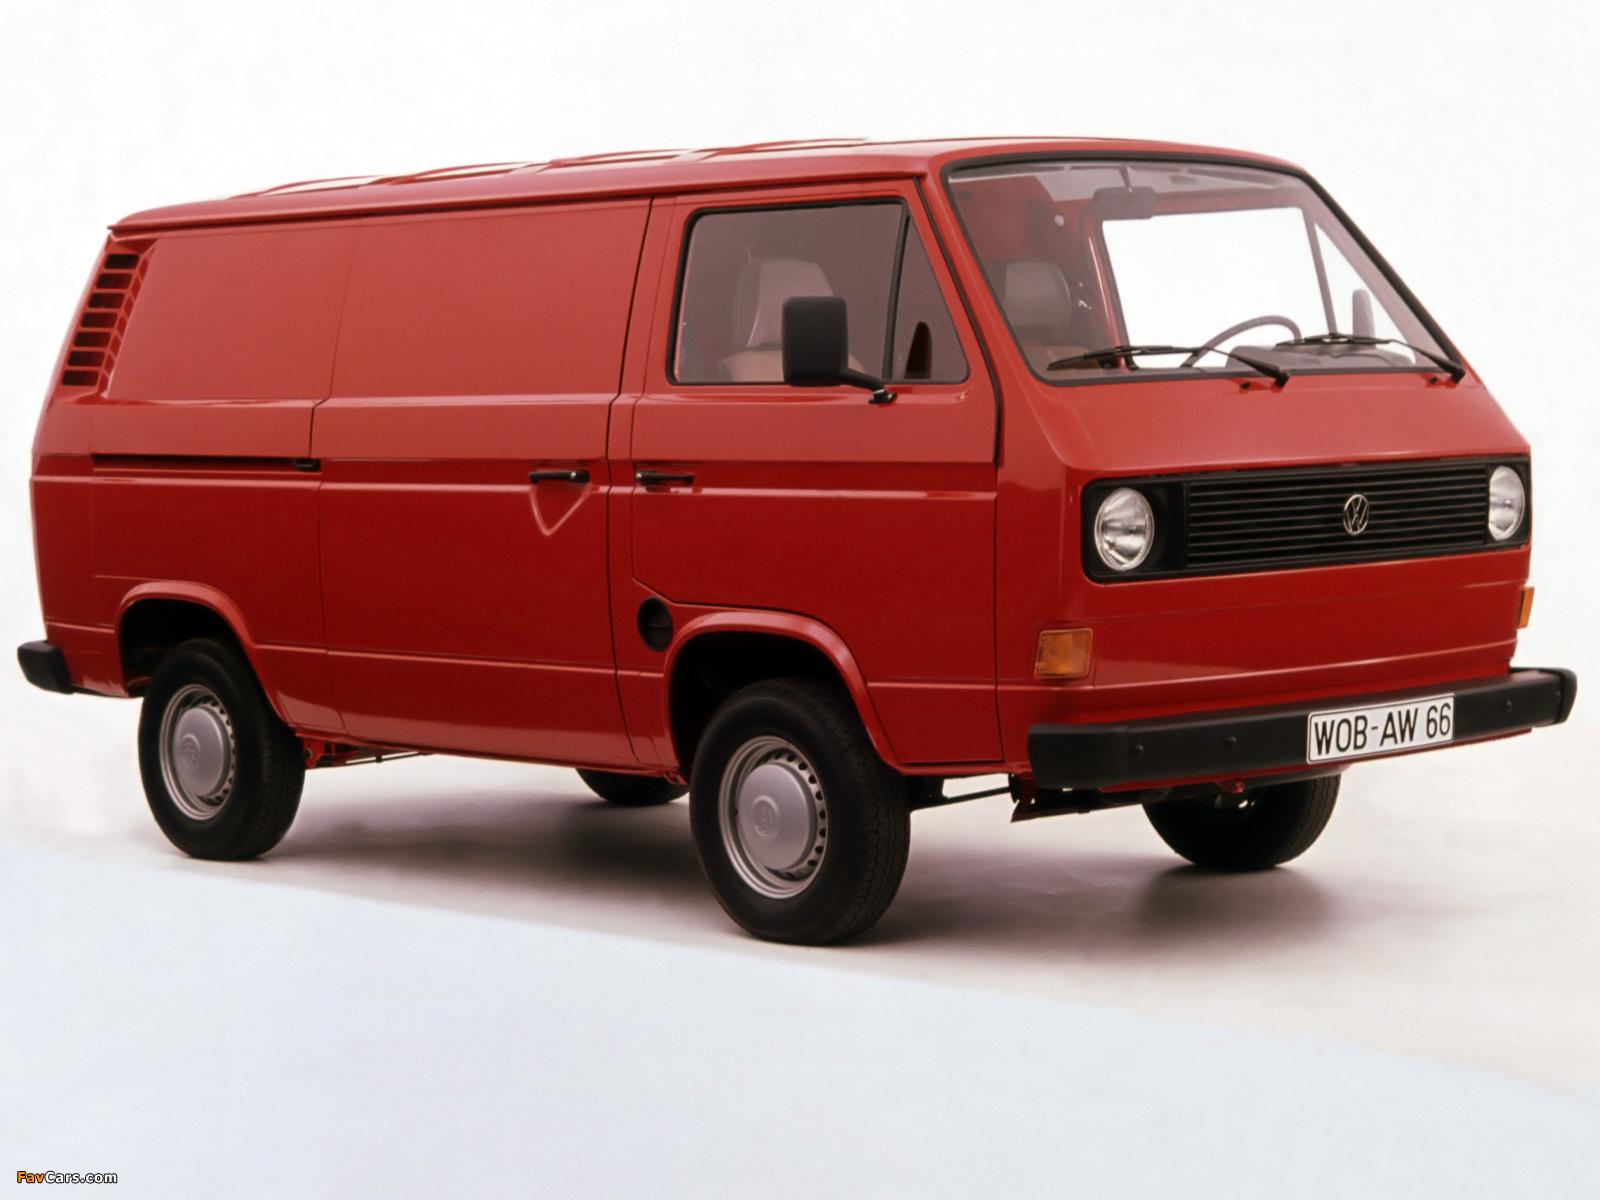 Photos Of Volkswagen T3 Transporter Van 1979 92 1600x1200